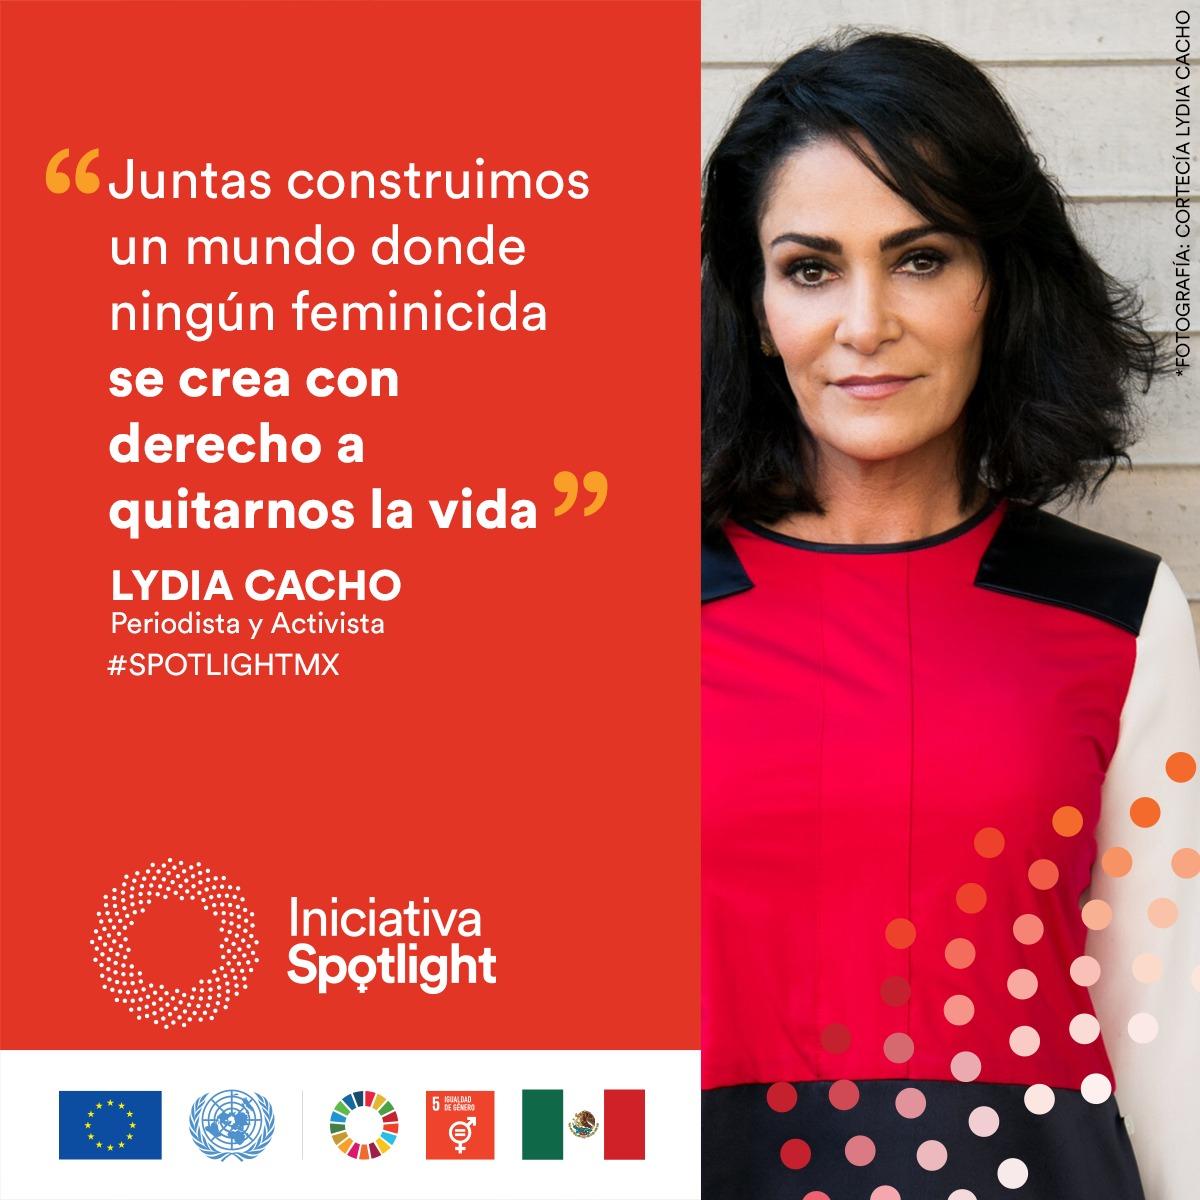 🟠El día 25 de cada mes es una oportunidad para recordar que la violencia contra las mujeres no es normal y no tenemos por qué aceptarla. #DíaNaranja #Únete #SpotlightMX🇲🇽 #AltoAlFeminicidio 💡¡Comparte y sé parte de la acción! Gracias @lydiacachosi